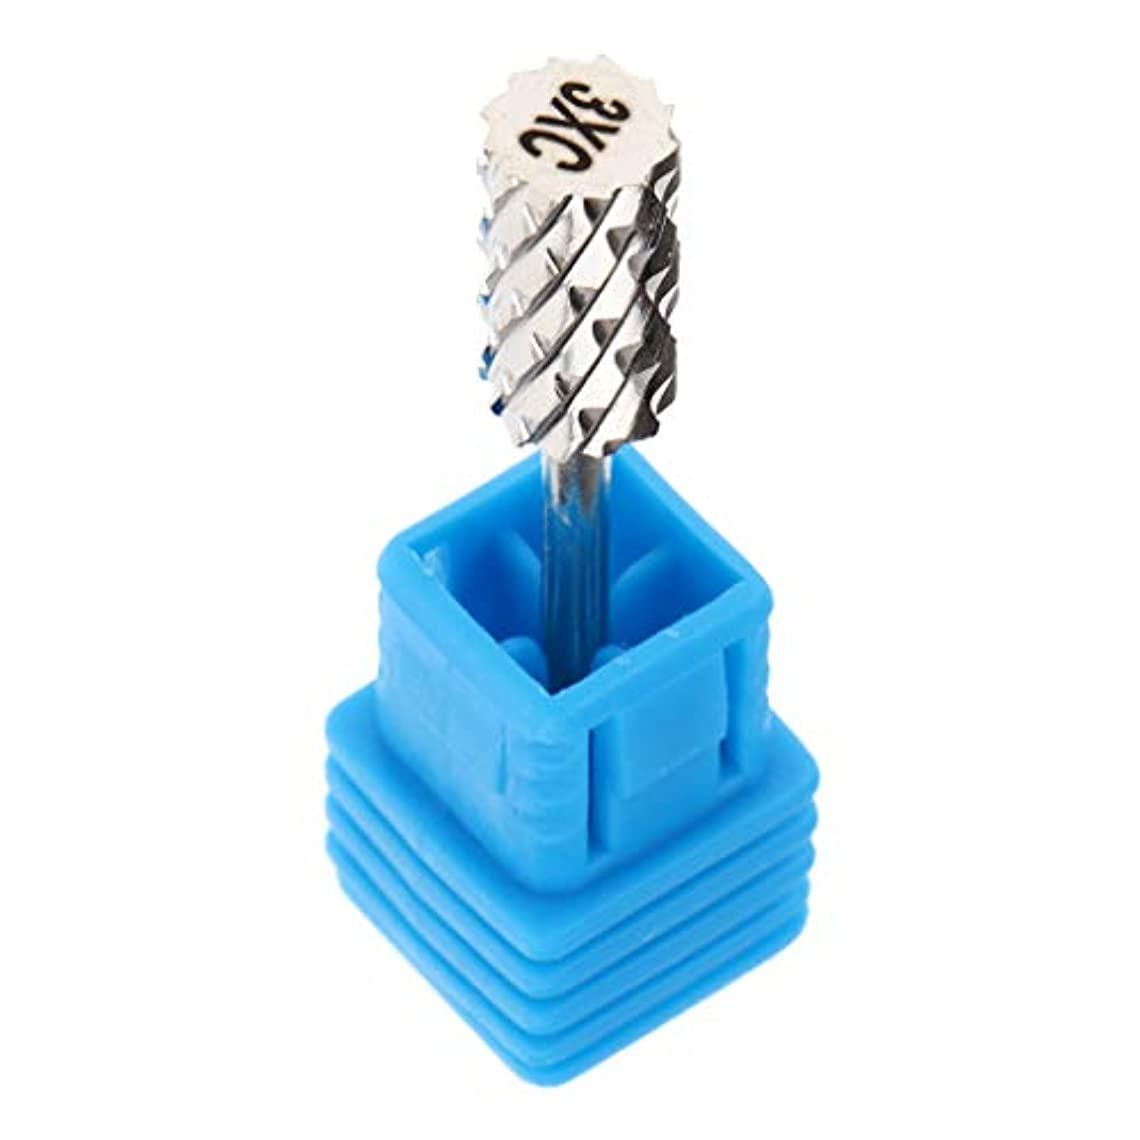 チャンピオンシップ提案ストリーム電気ネイルマシン ネイルドリルビット 研磨ヘッド ネイルサロン 爪やすり 全6選択 - 06